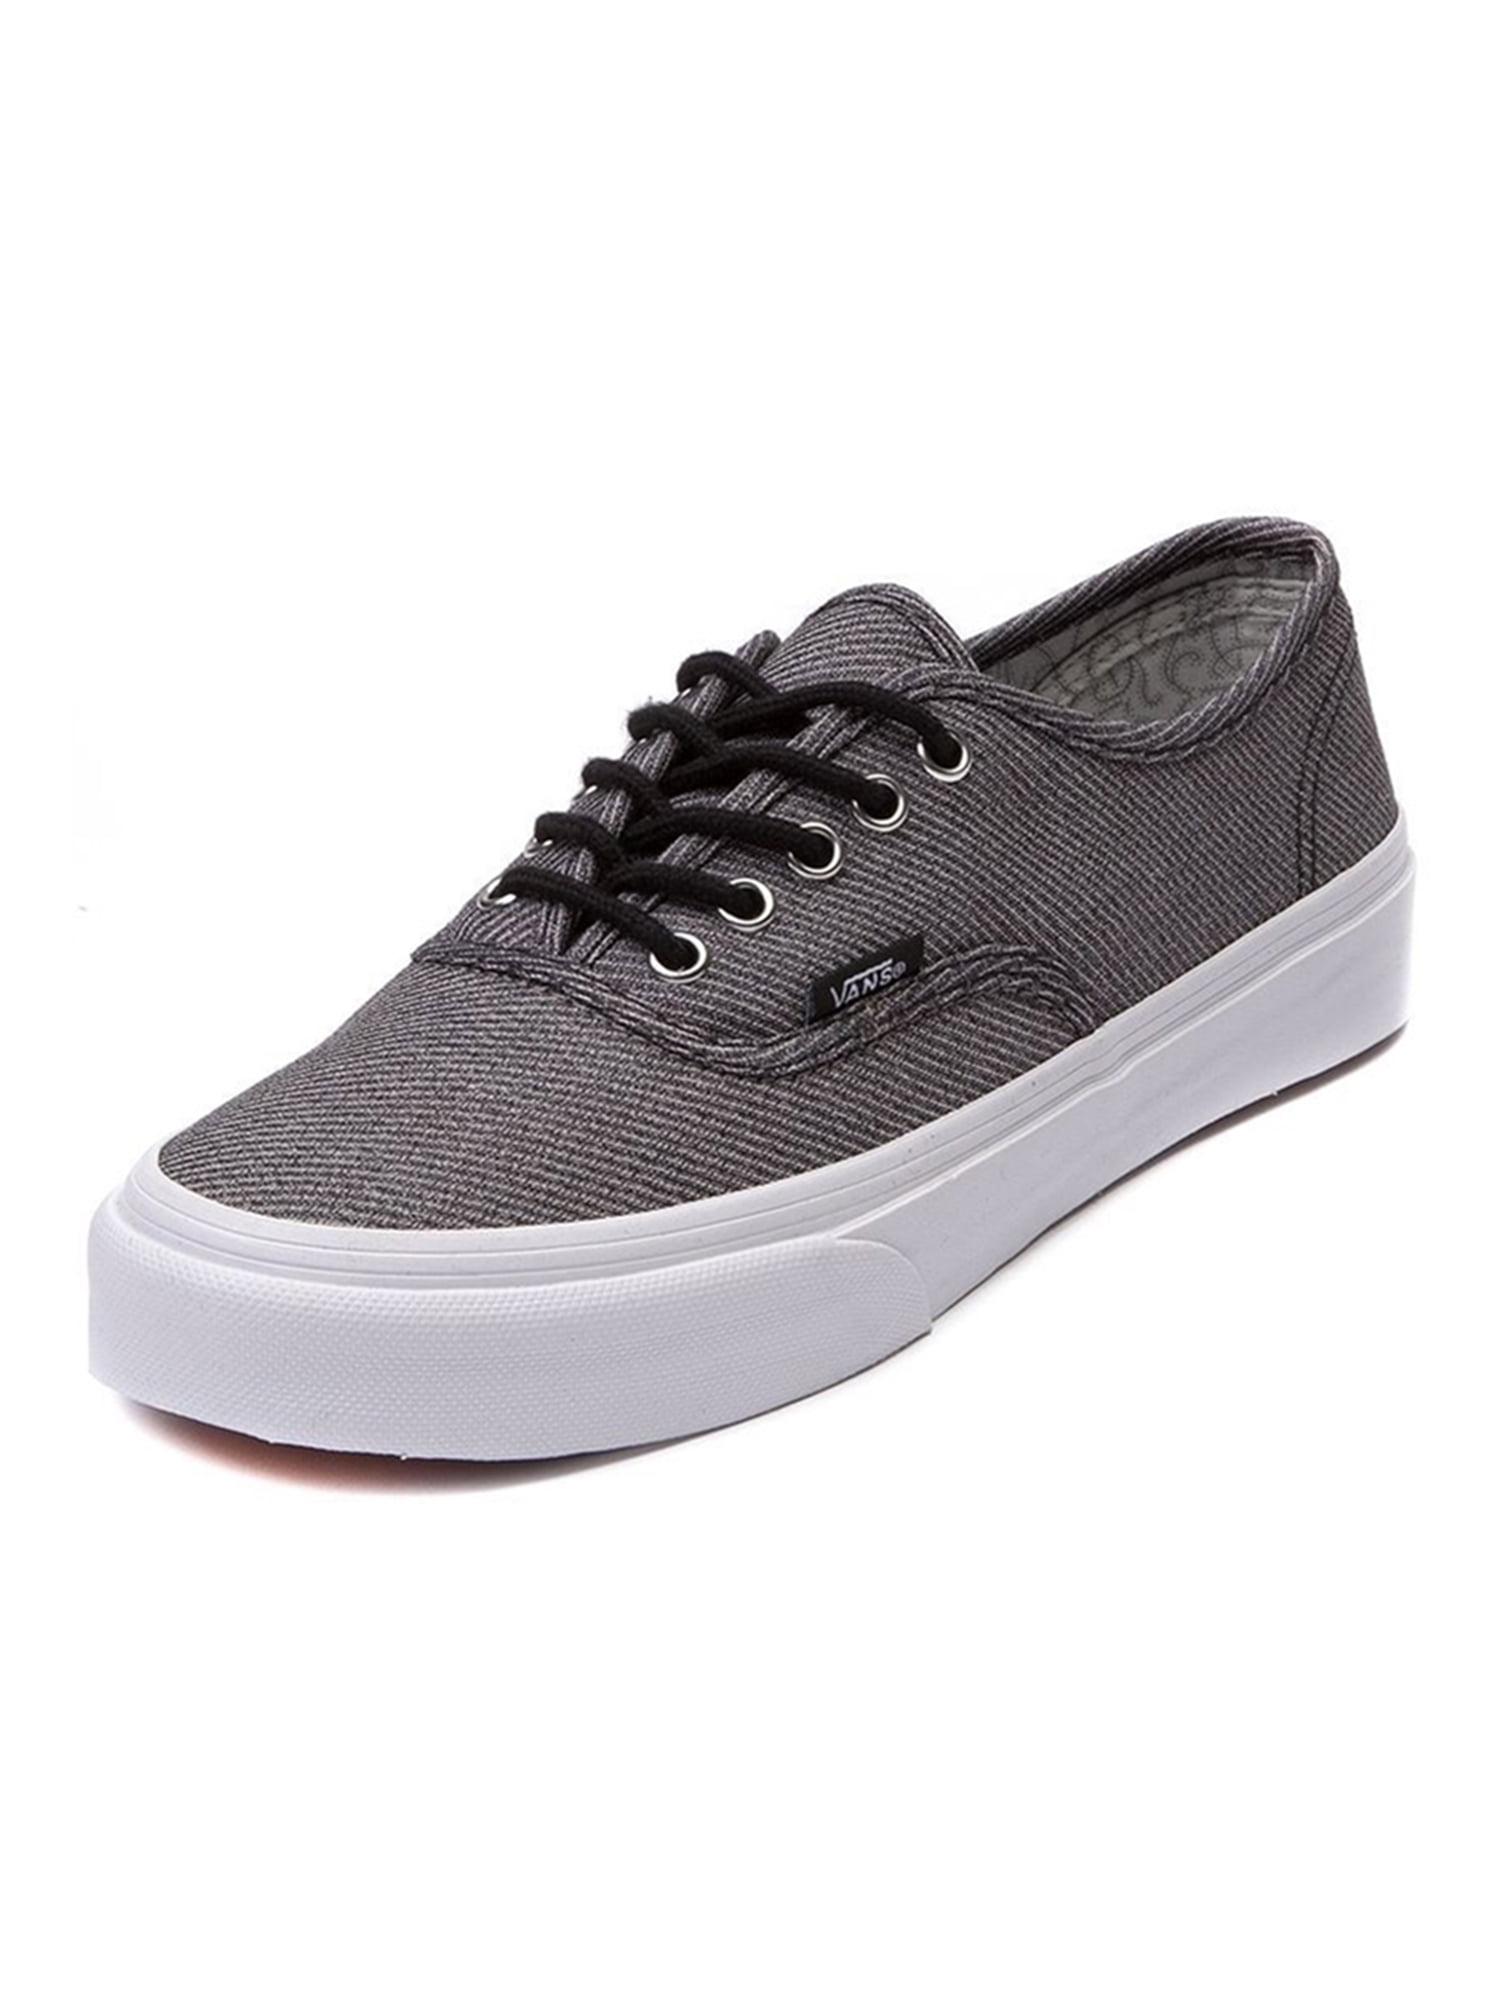 2505e2623b Vans Unisex Authentic Slim Suiting Sneakers blacktruewhite M3.5 W5